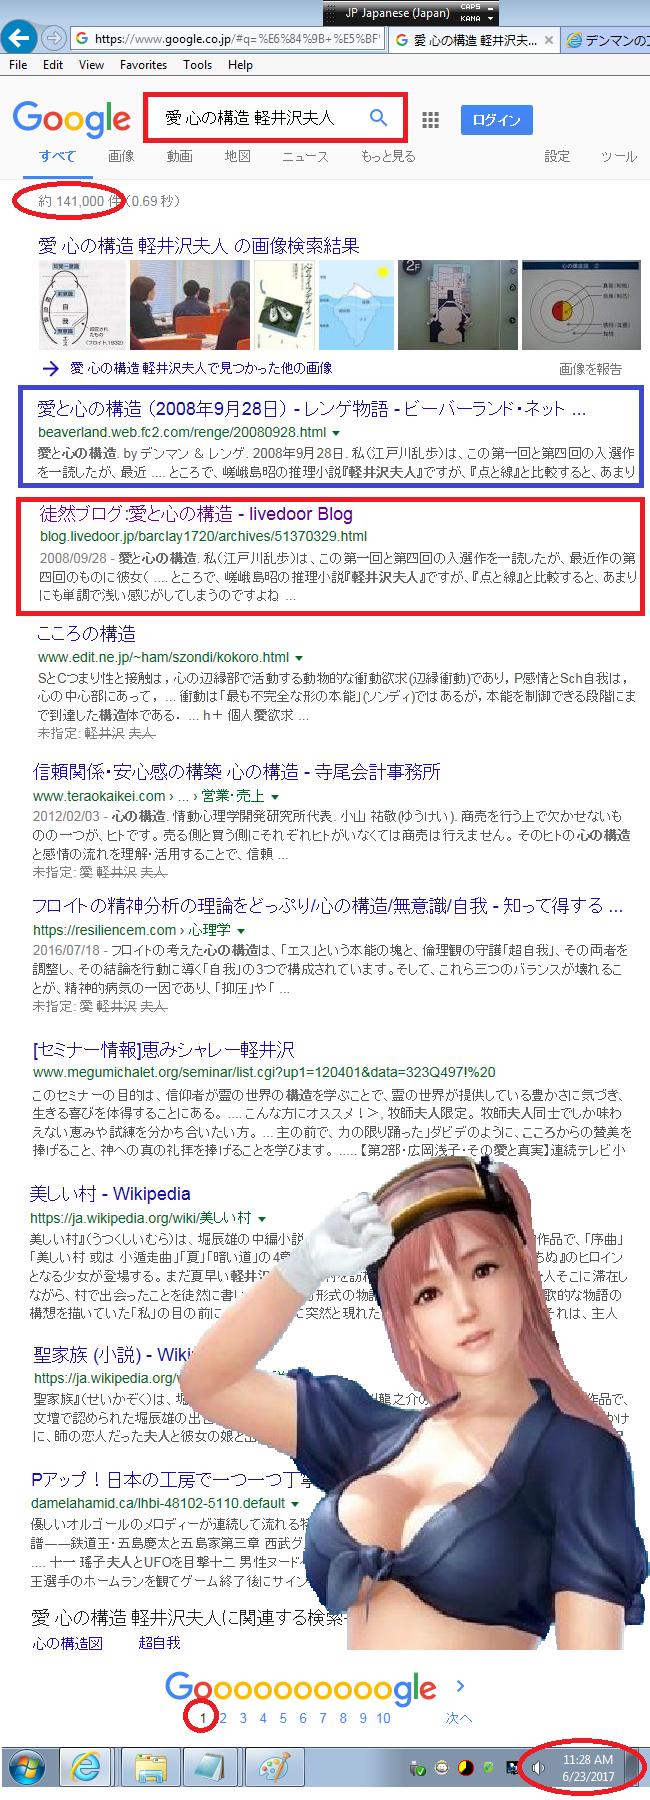 「愛 心の構造 軽井沢夫人」と入れてGOOGLEで検索した結果